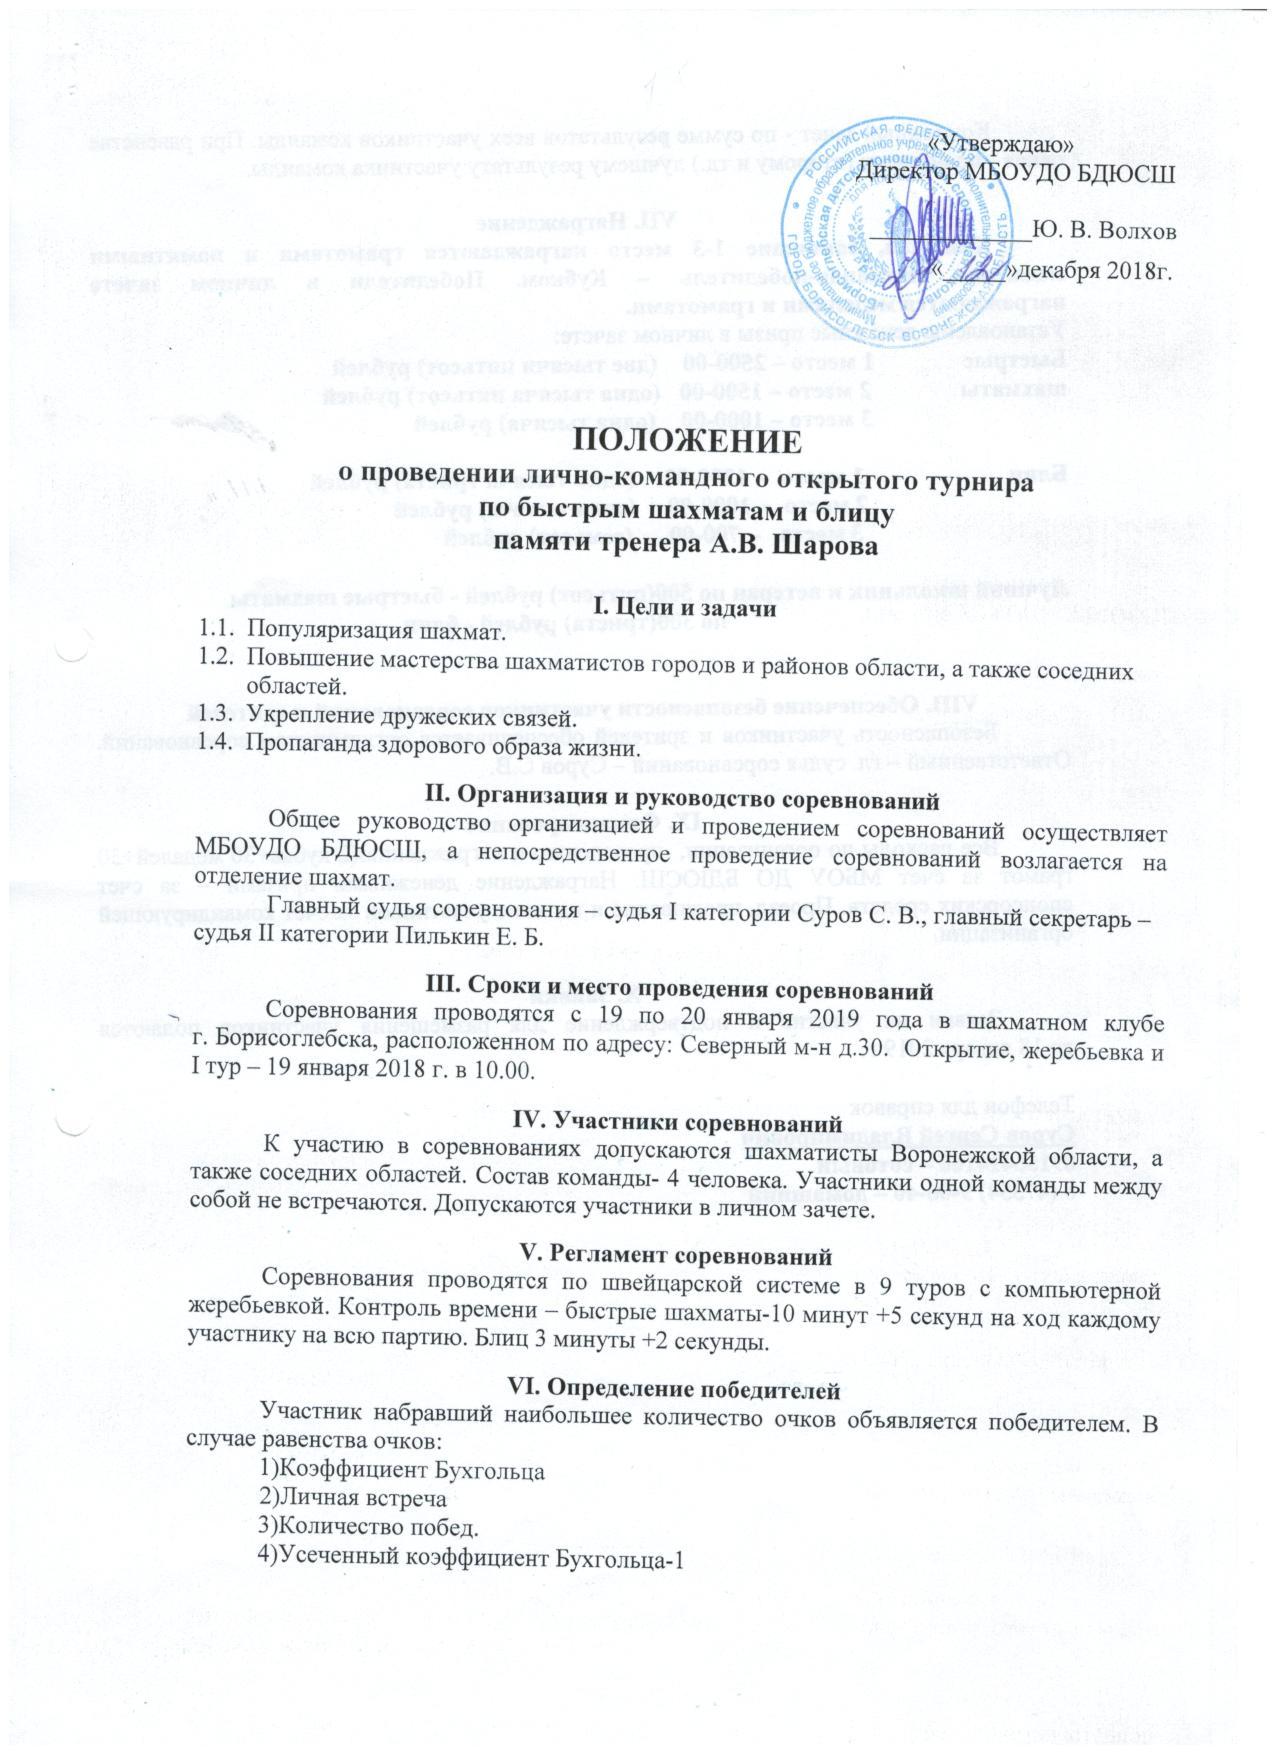 http://sd.uploads.ru/WnYM2.jpg